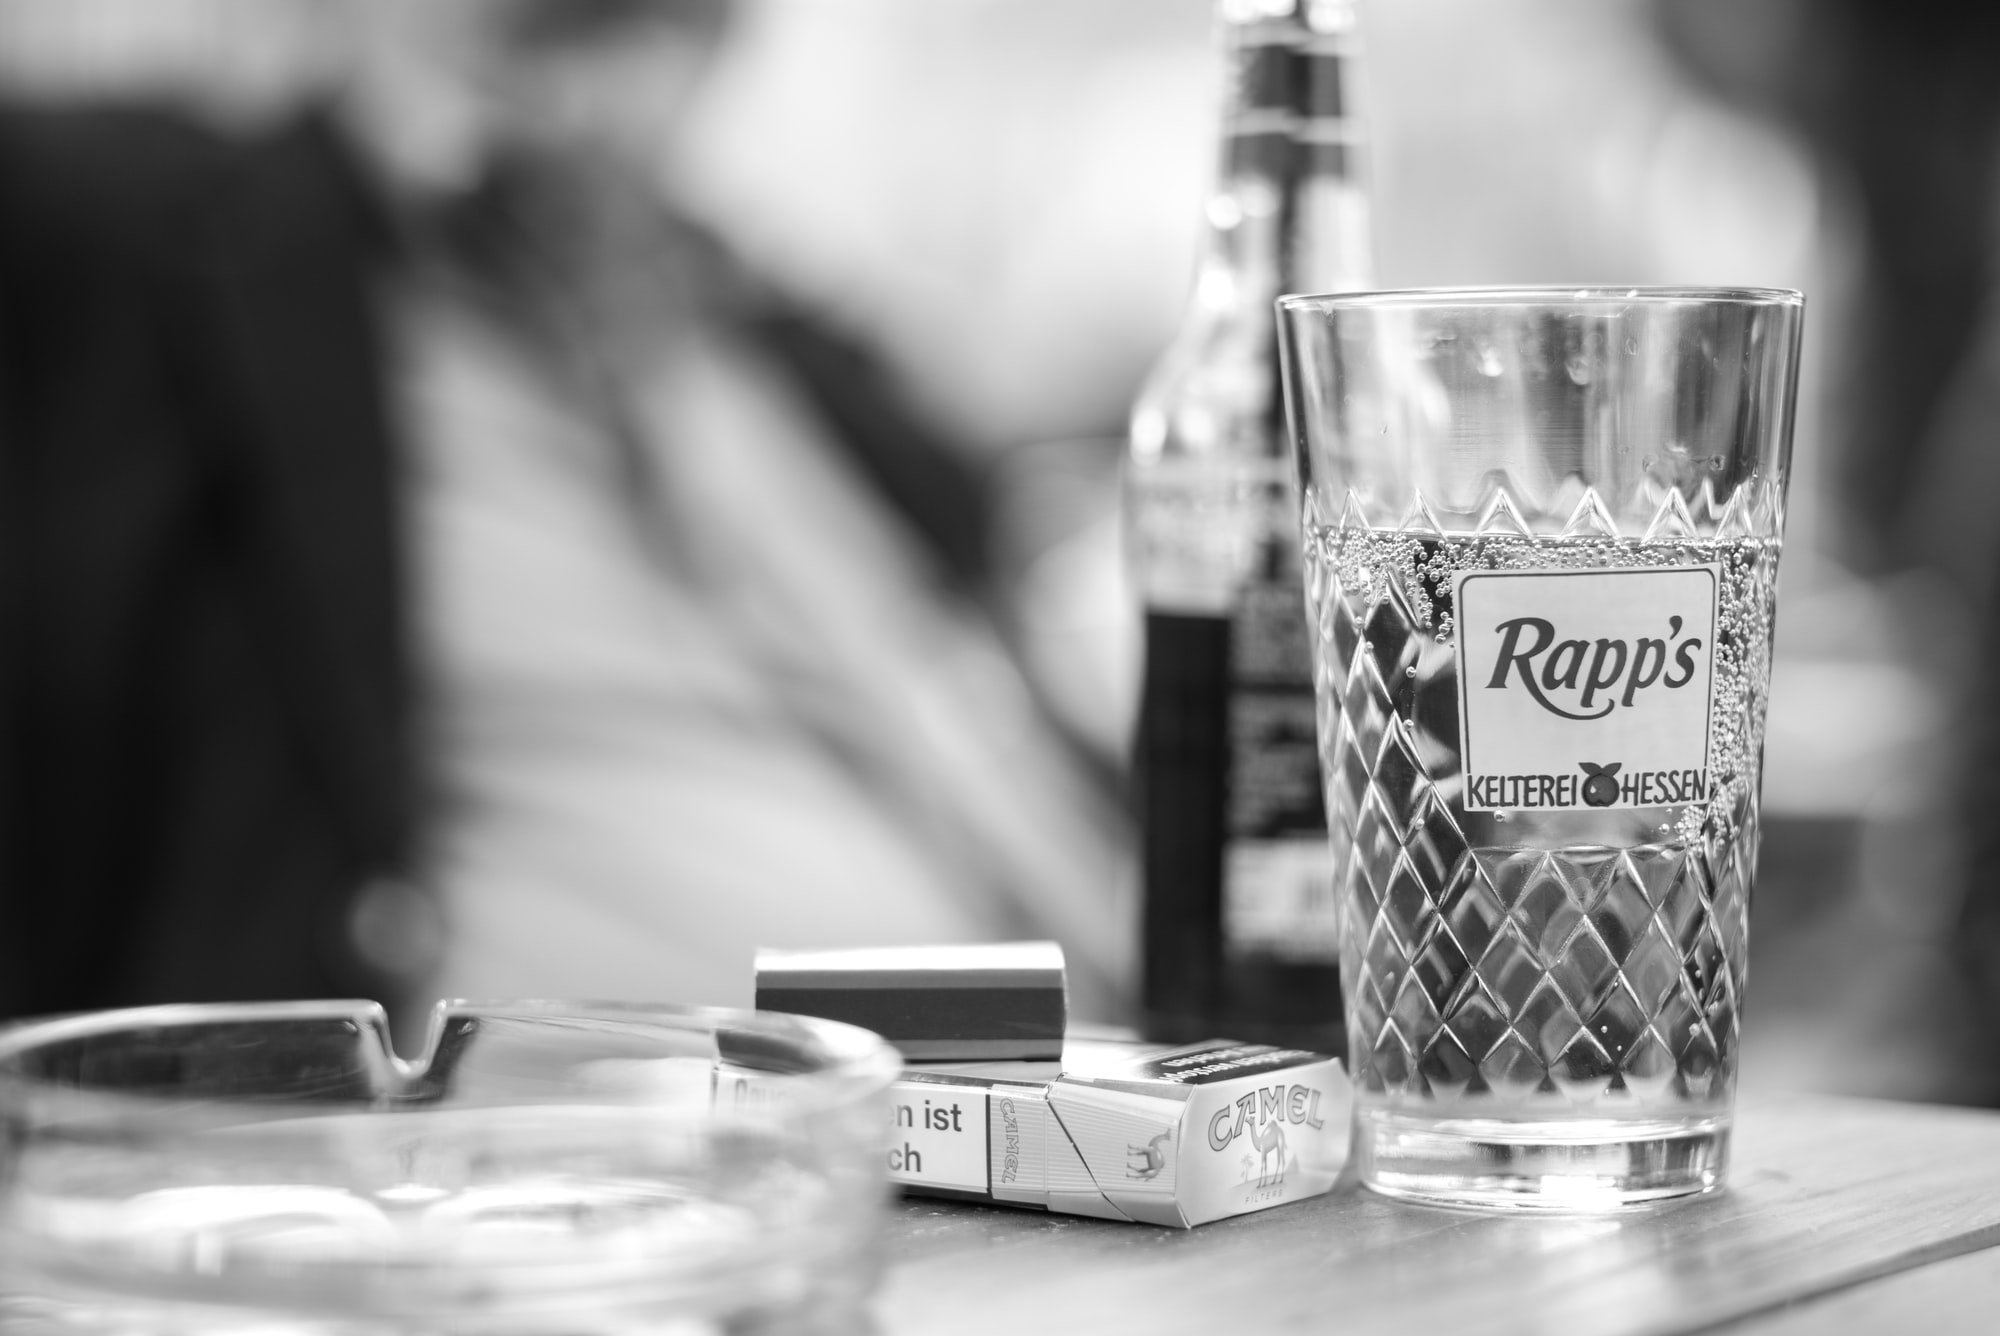 Tütün Hevengi, Tütün Dizmek, Kurutmak Ve İşlemek İçin Kullanılan Üstü Kapalı Sergi Bulmaca Anlamı Nedir?